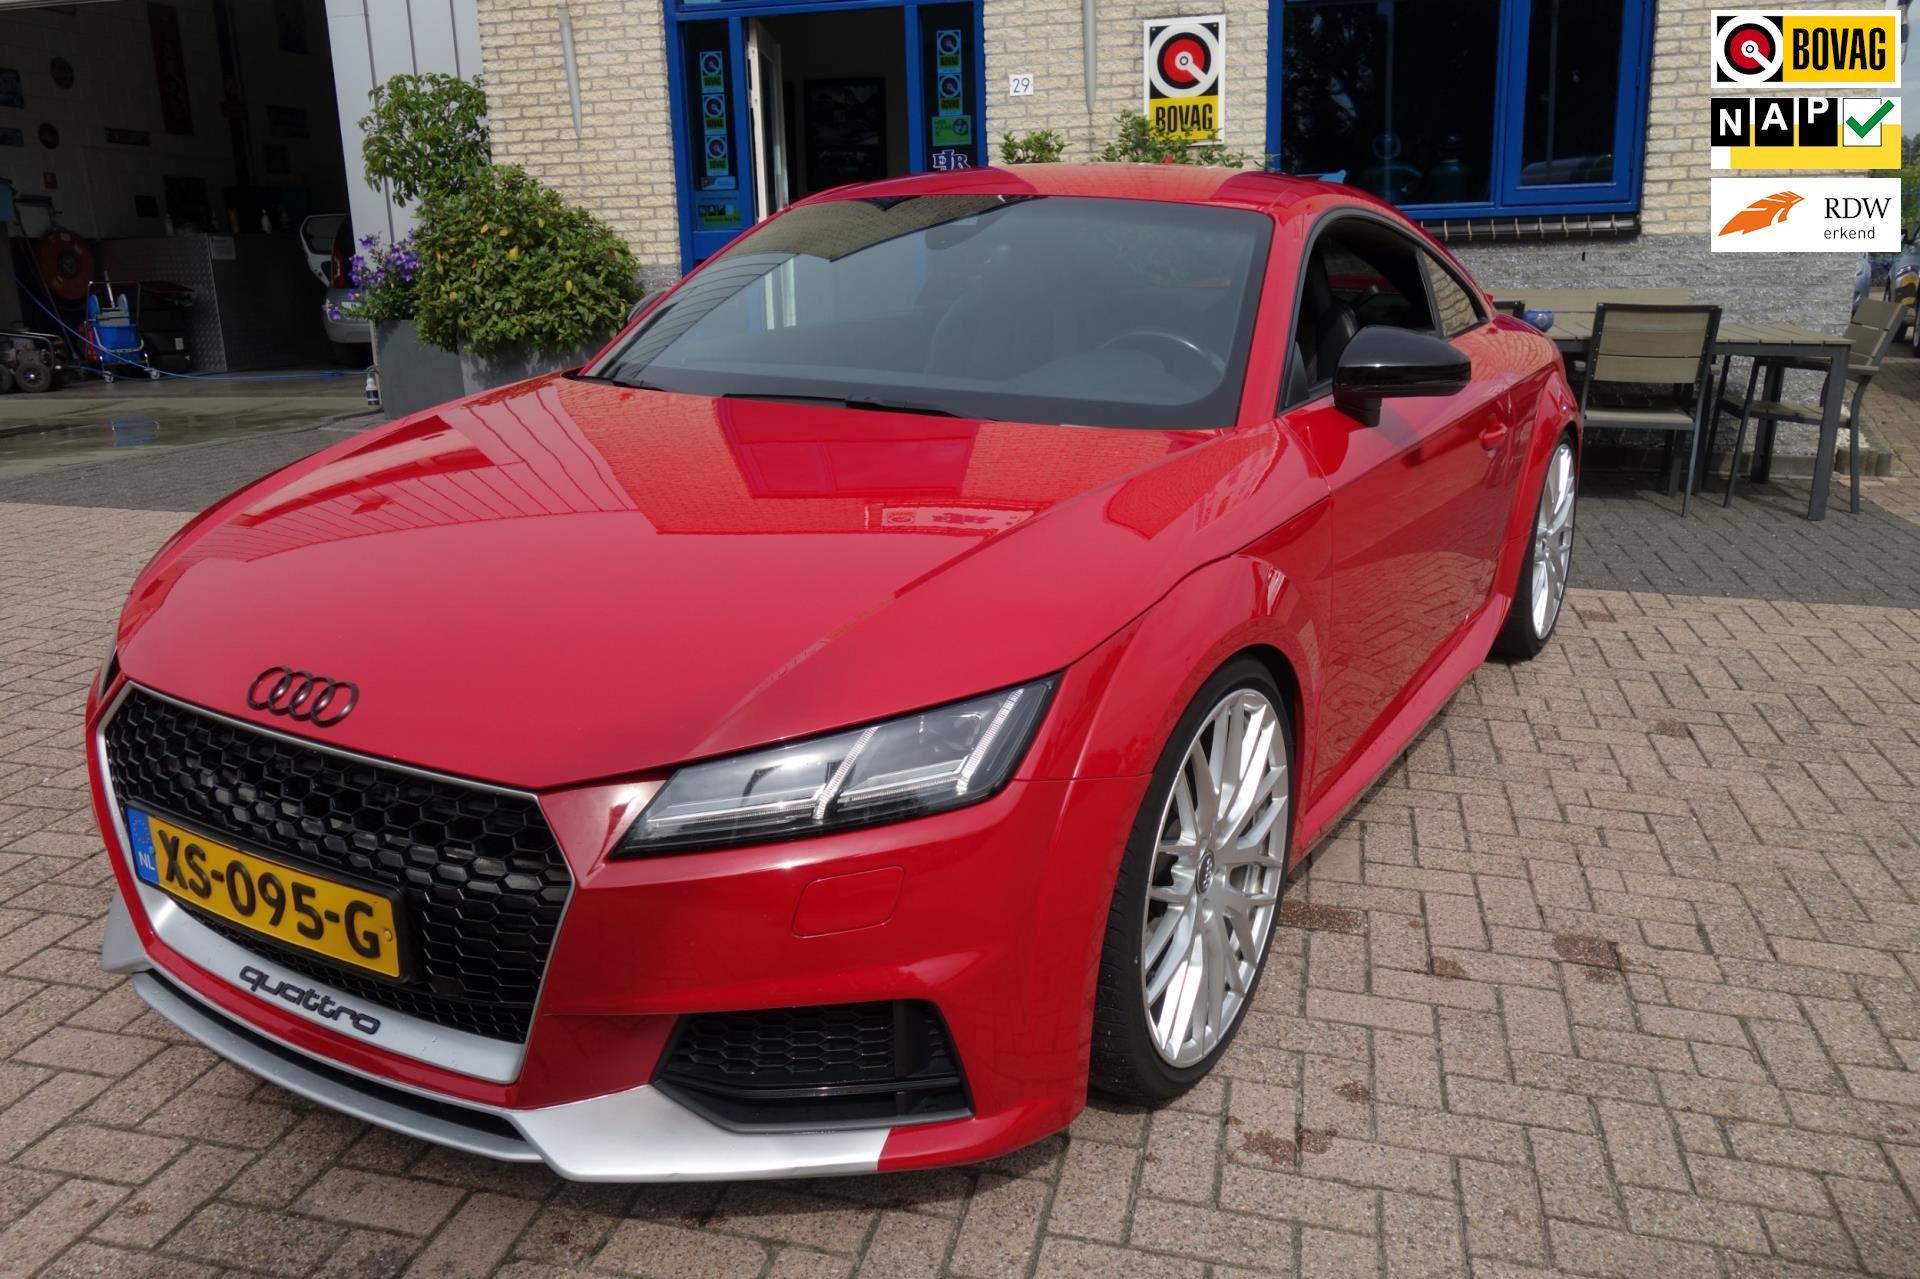 Audi TT occasion - Autobedrijf E.J. Rooy